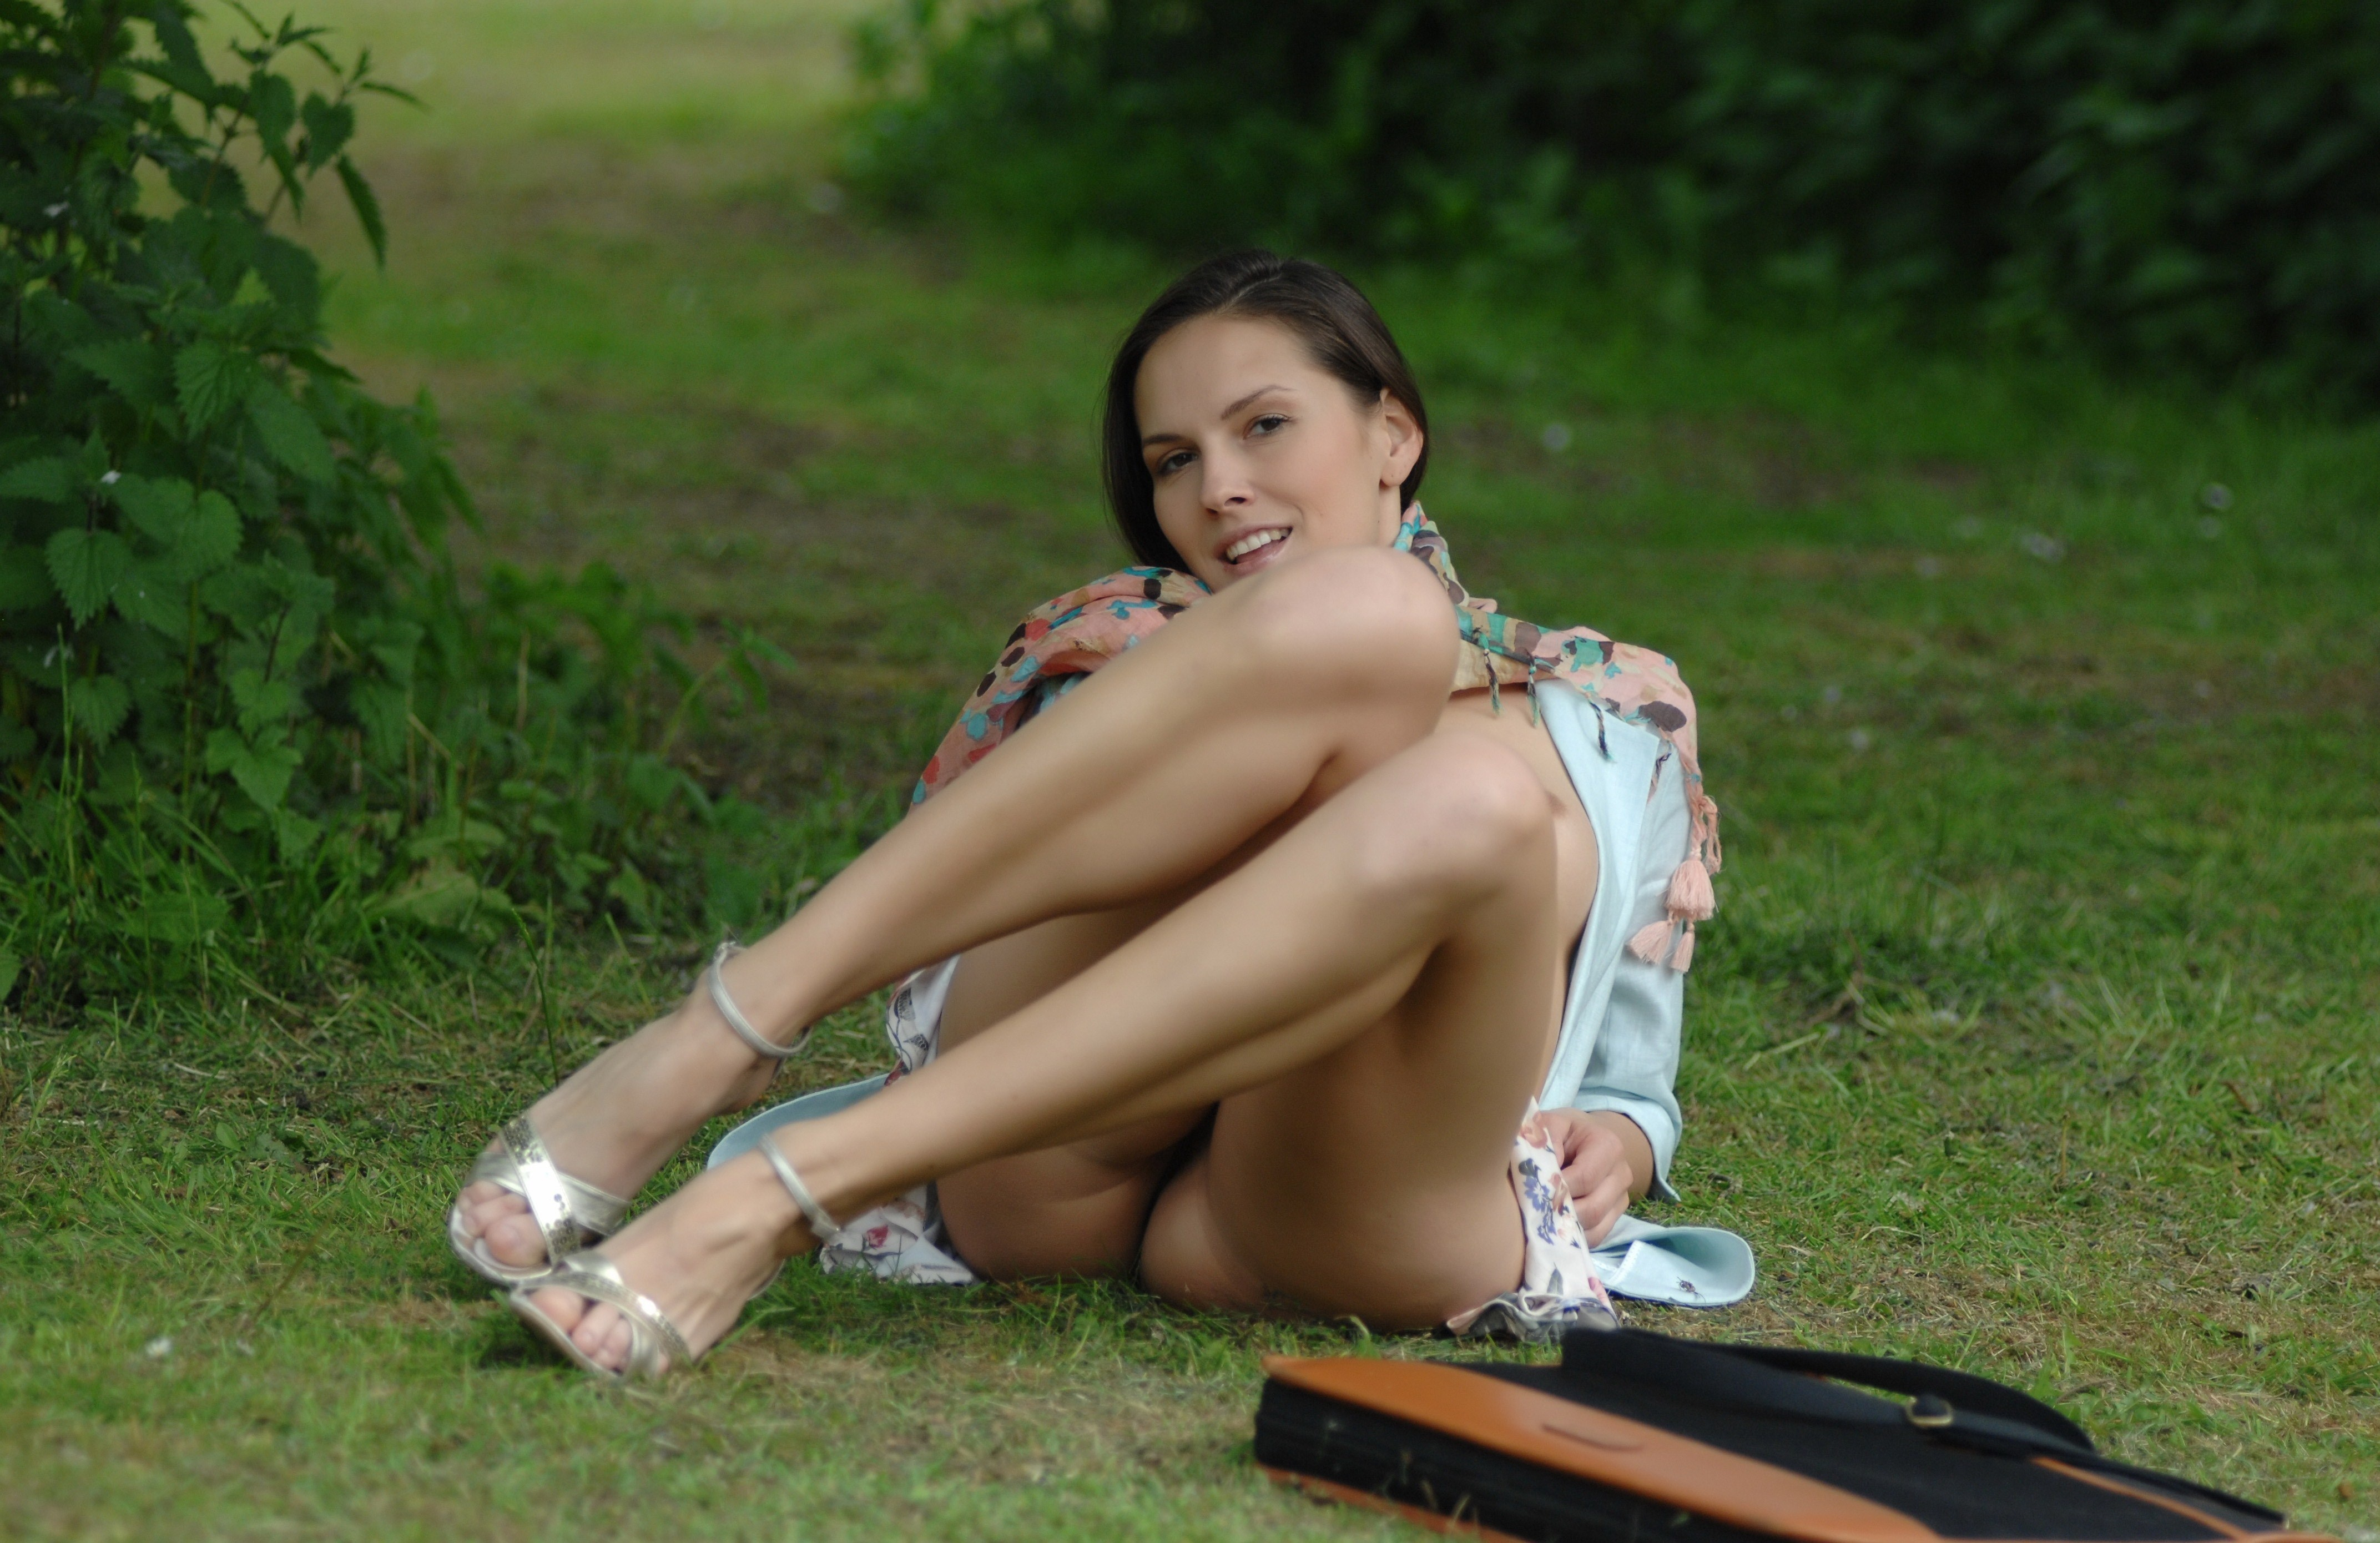 Hot Upskirt